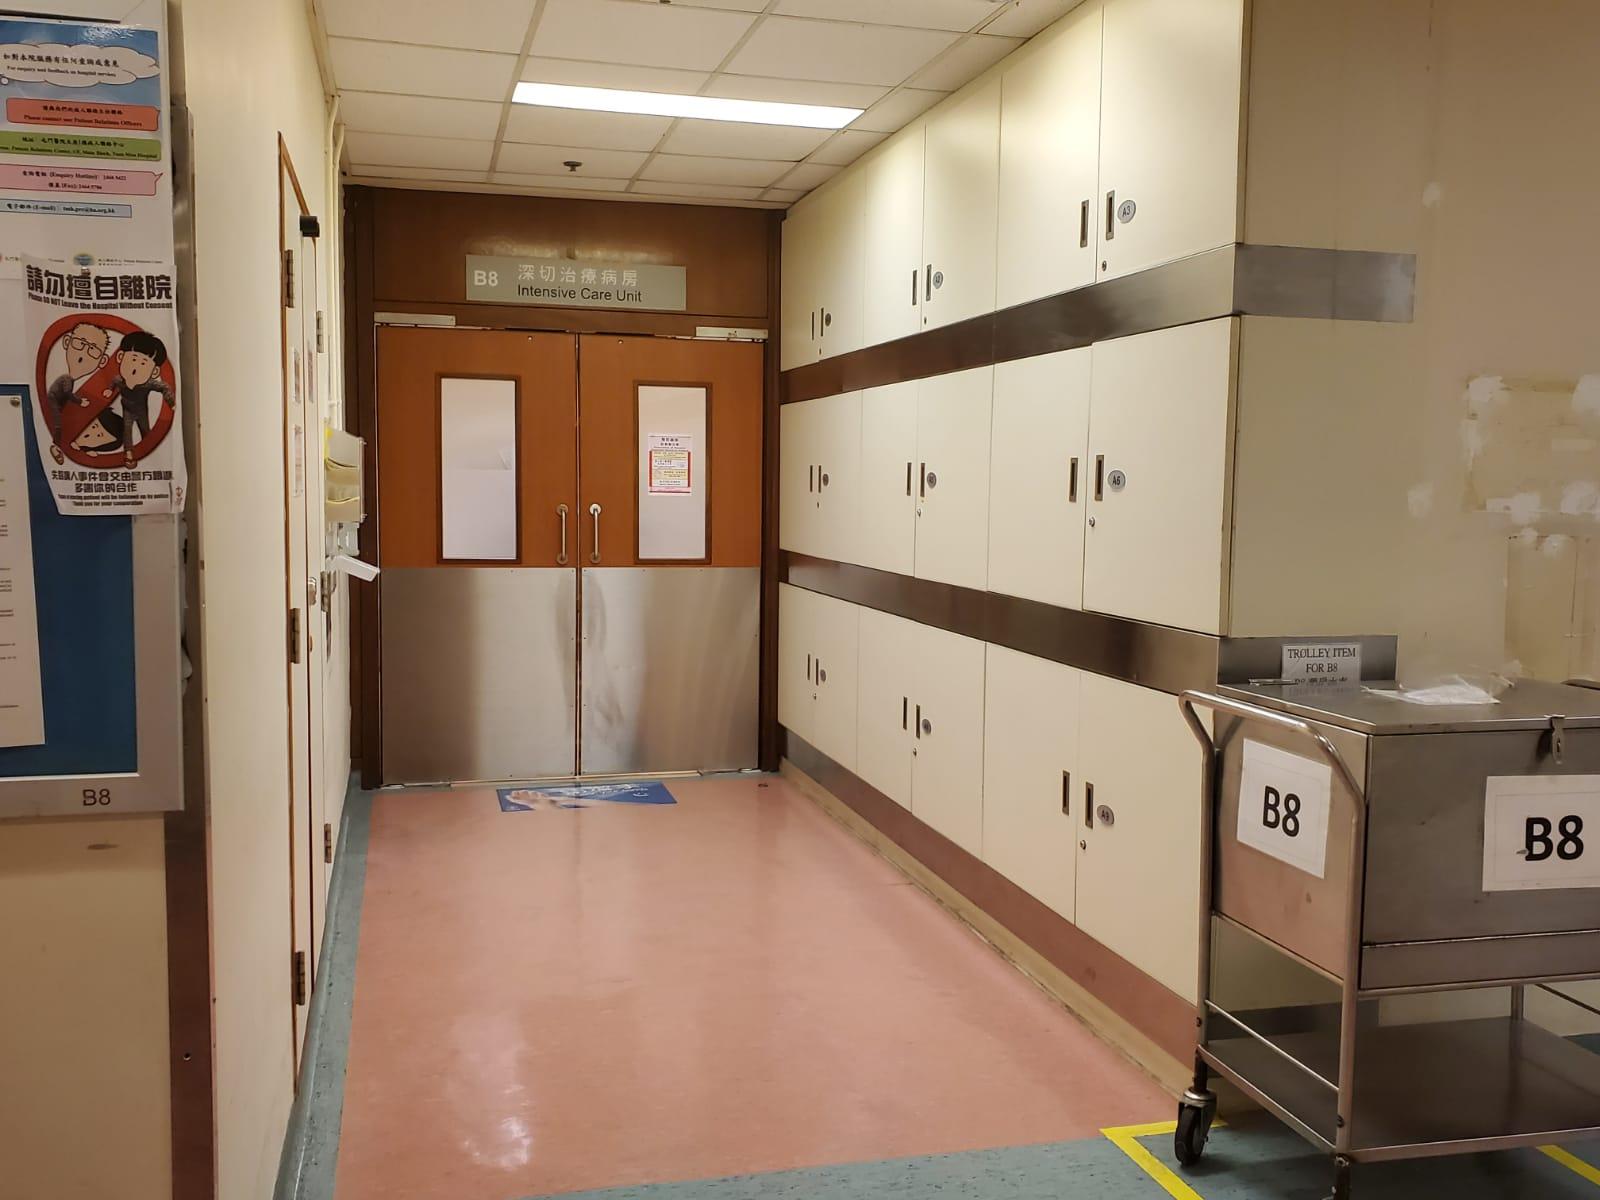 事主送屯門醫院救治。